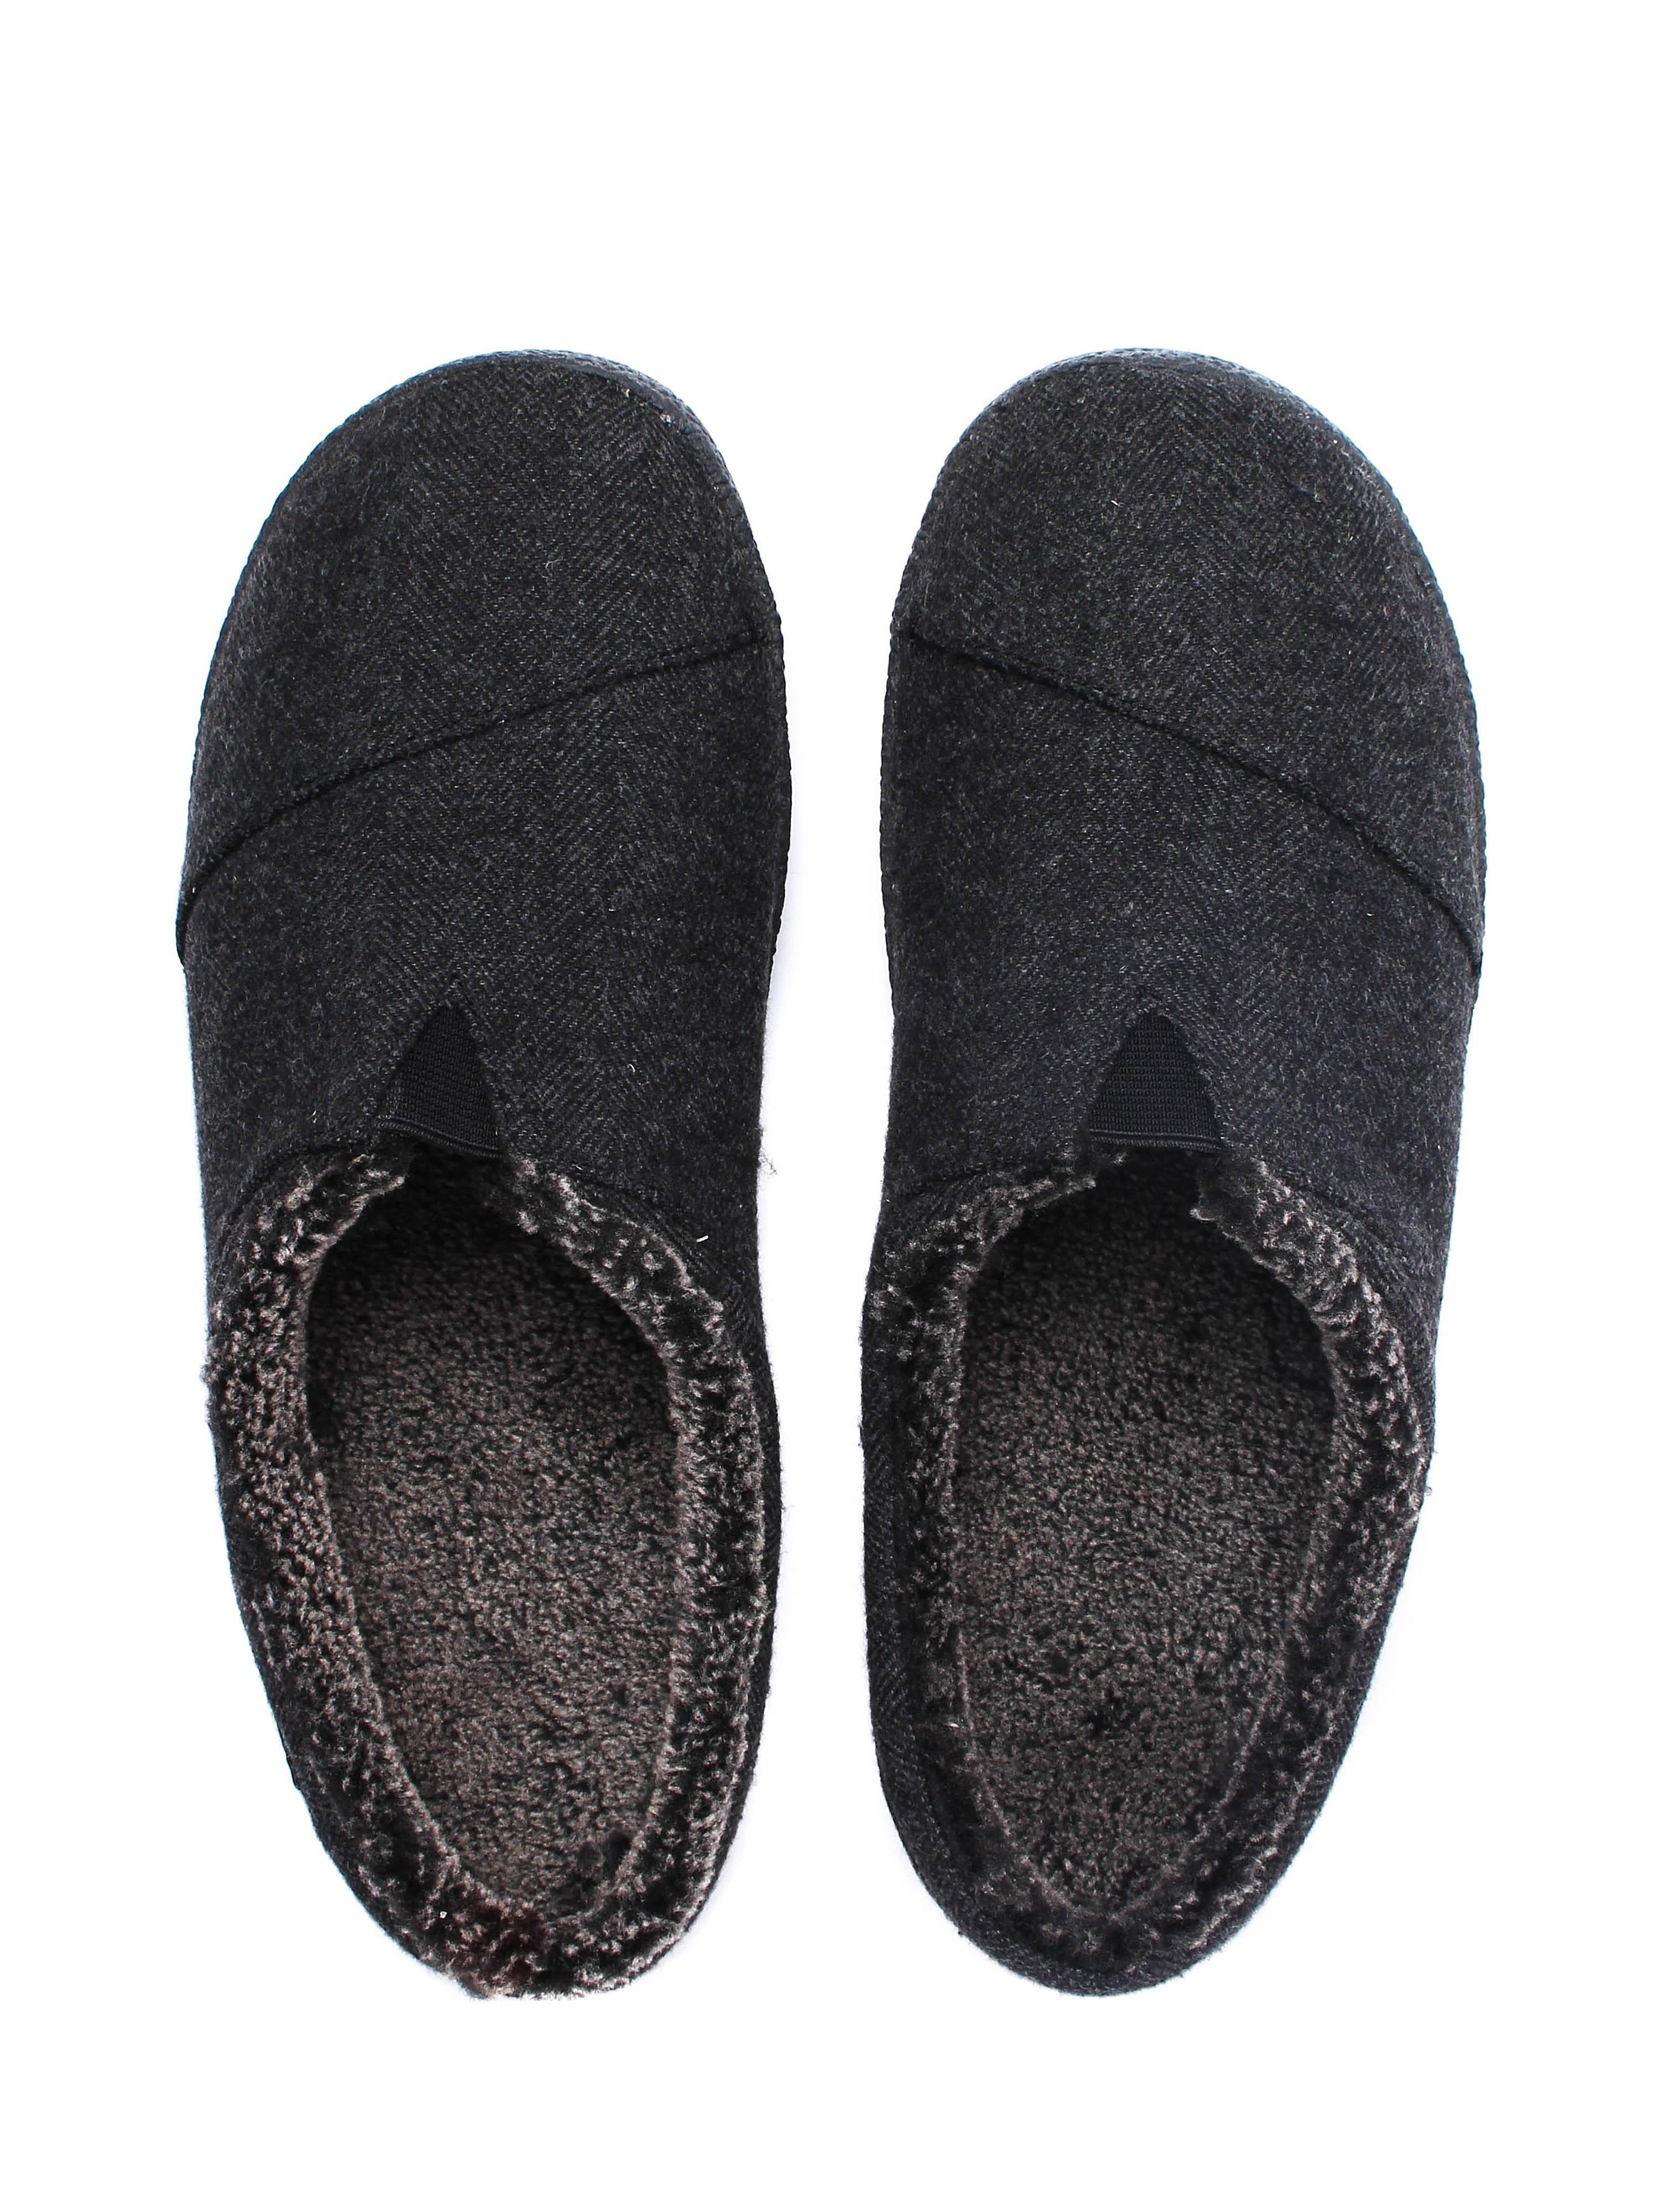 Toms Men's Berkeley Woollen Mule Slippers - Black Herringbone